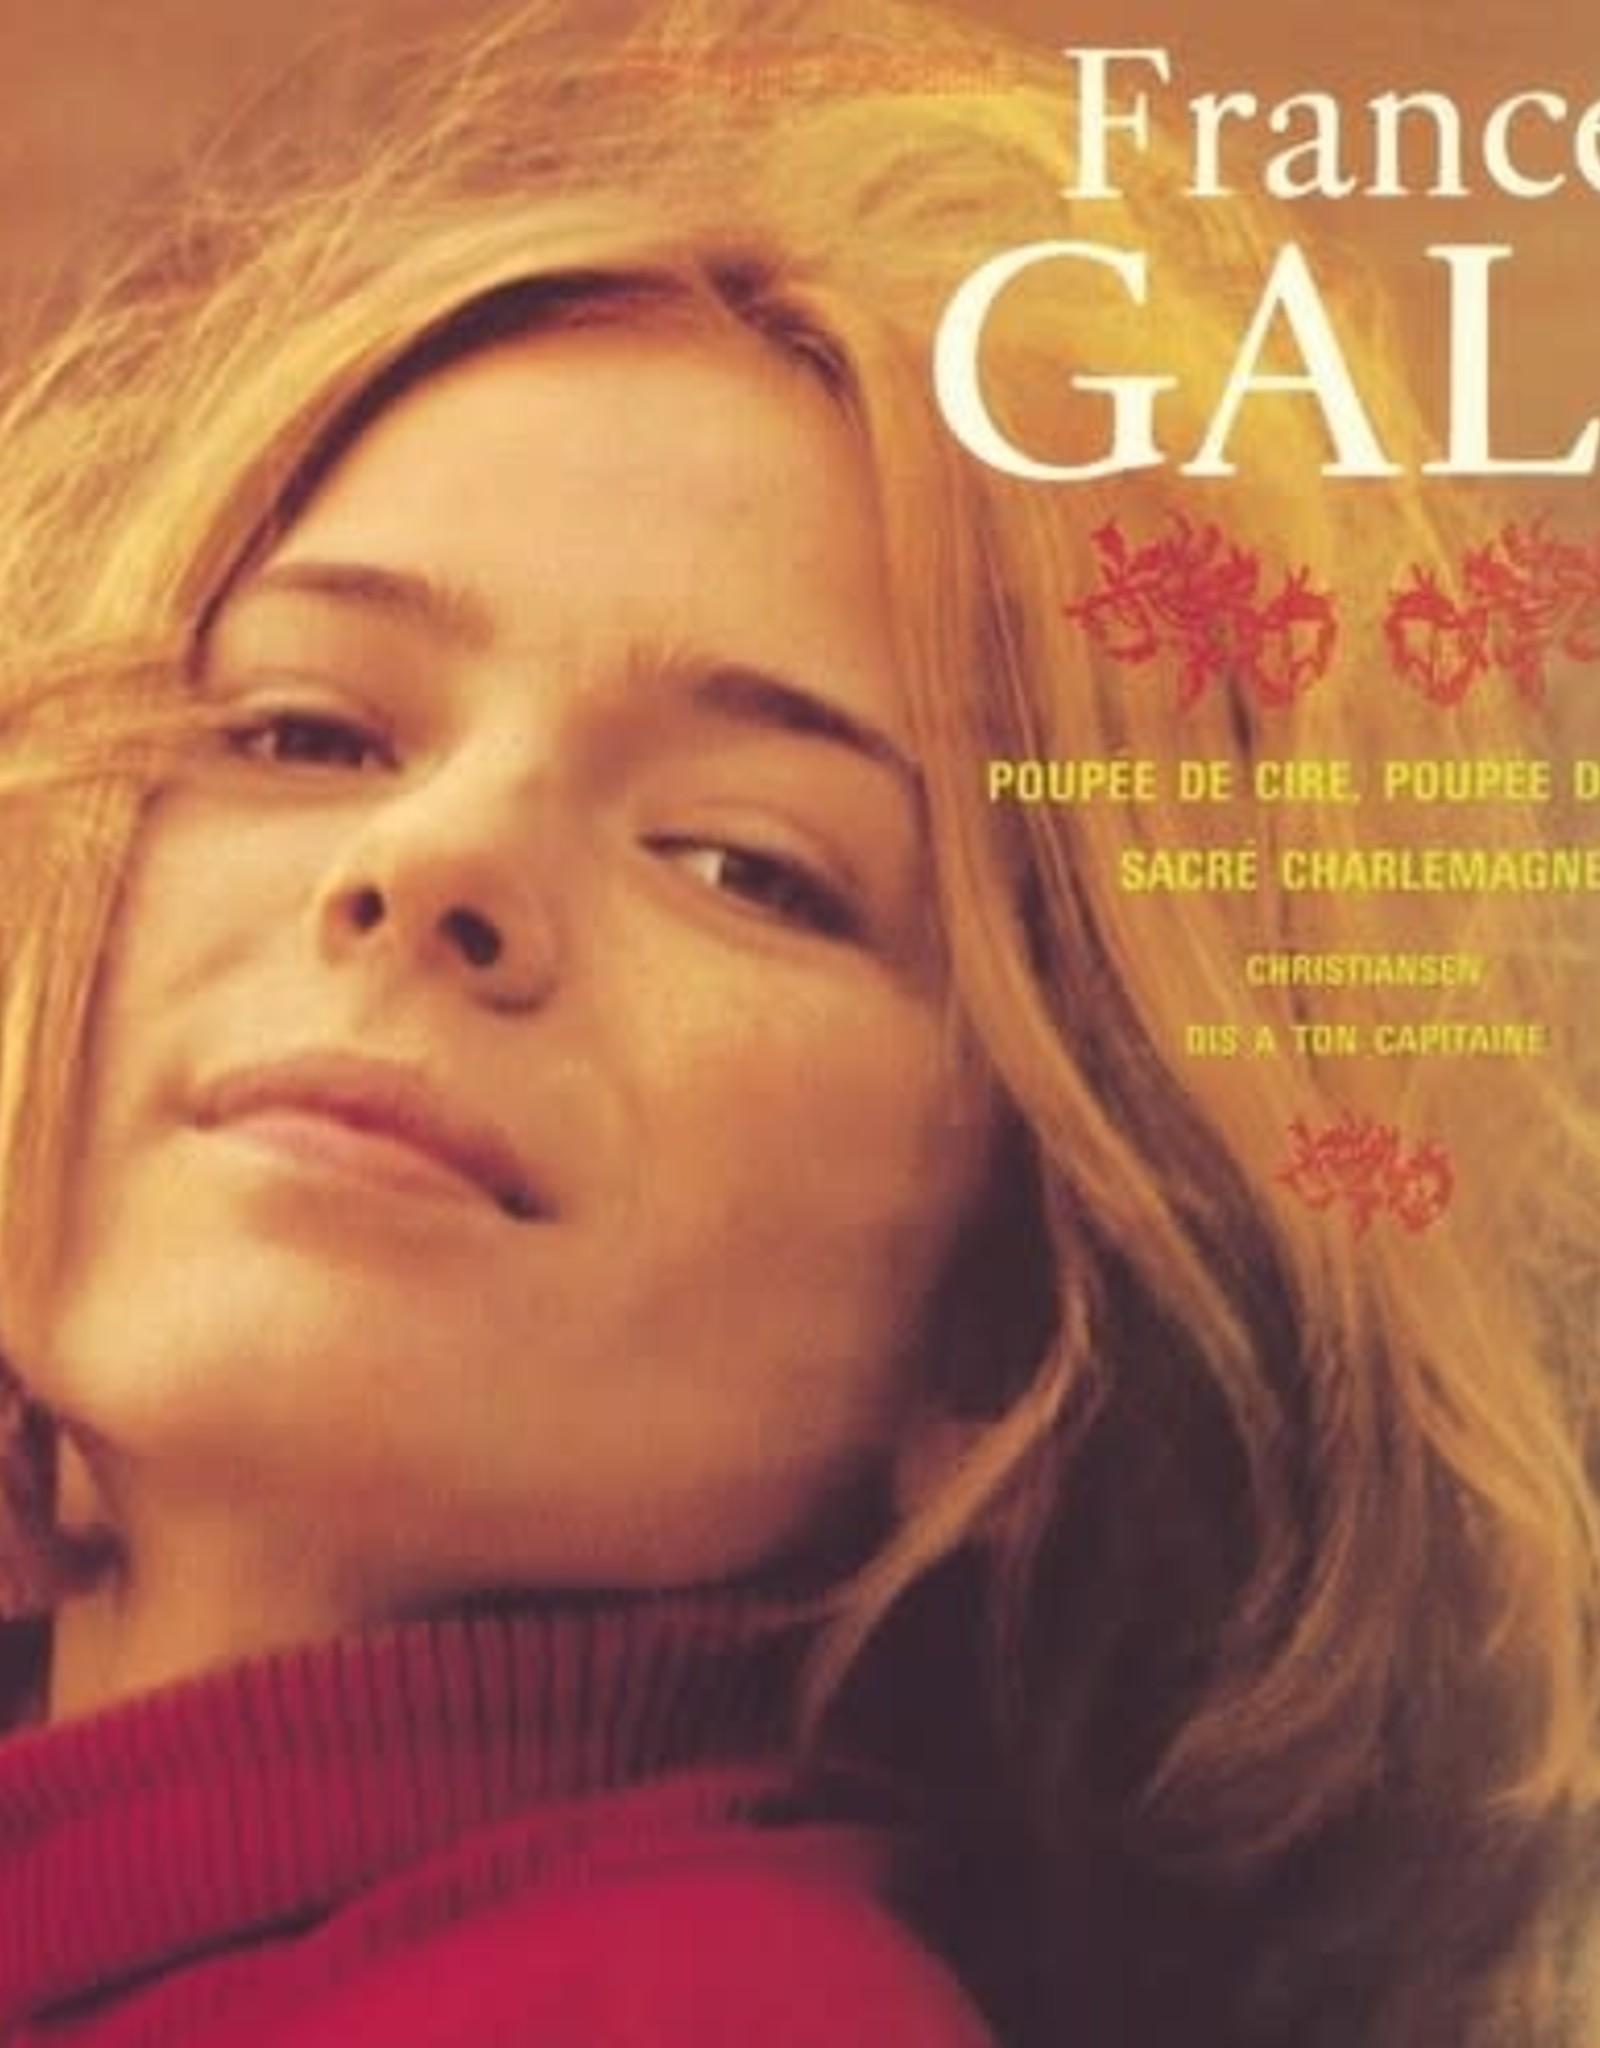 France Gall - Poupée De Cire, Poupée De Son (Standard Black Vinyl)